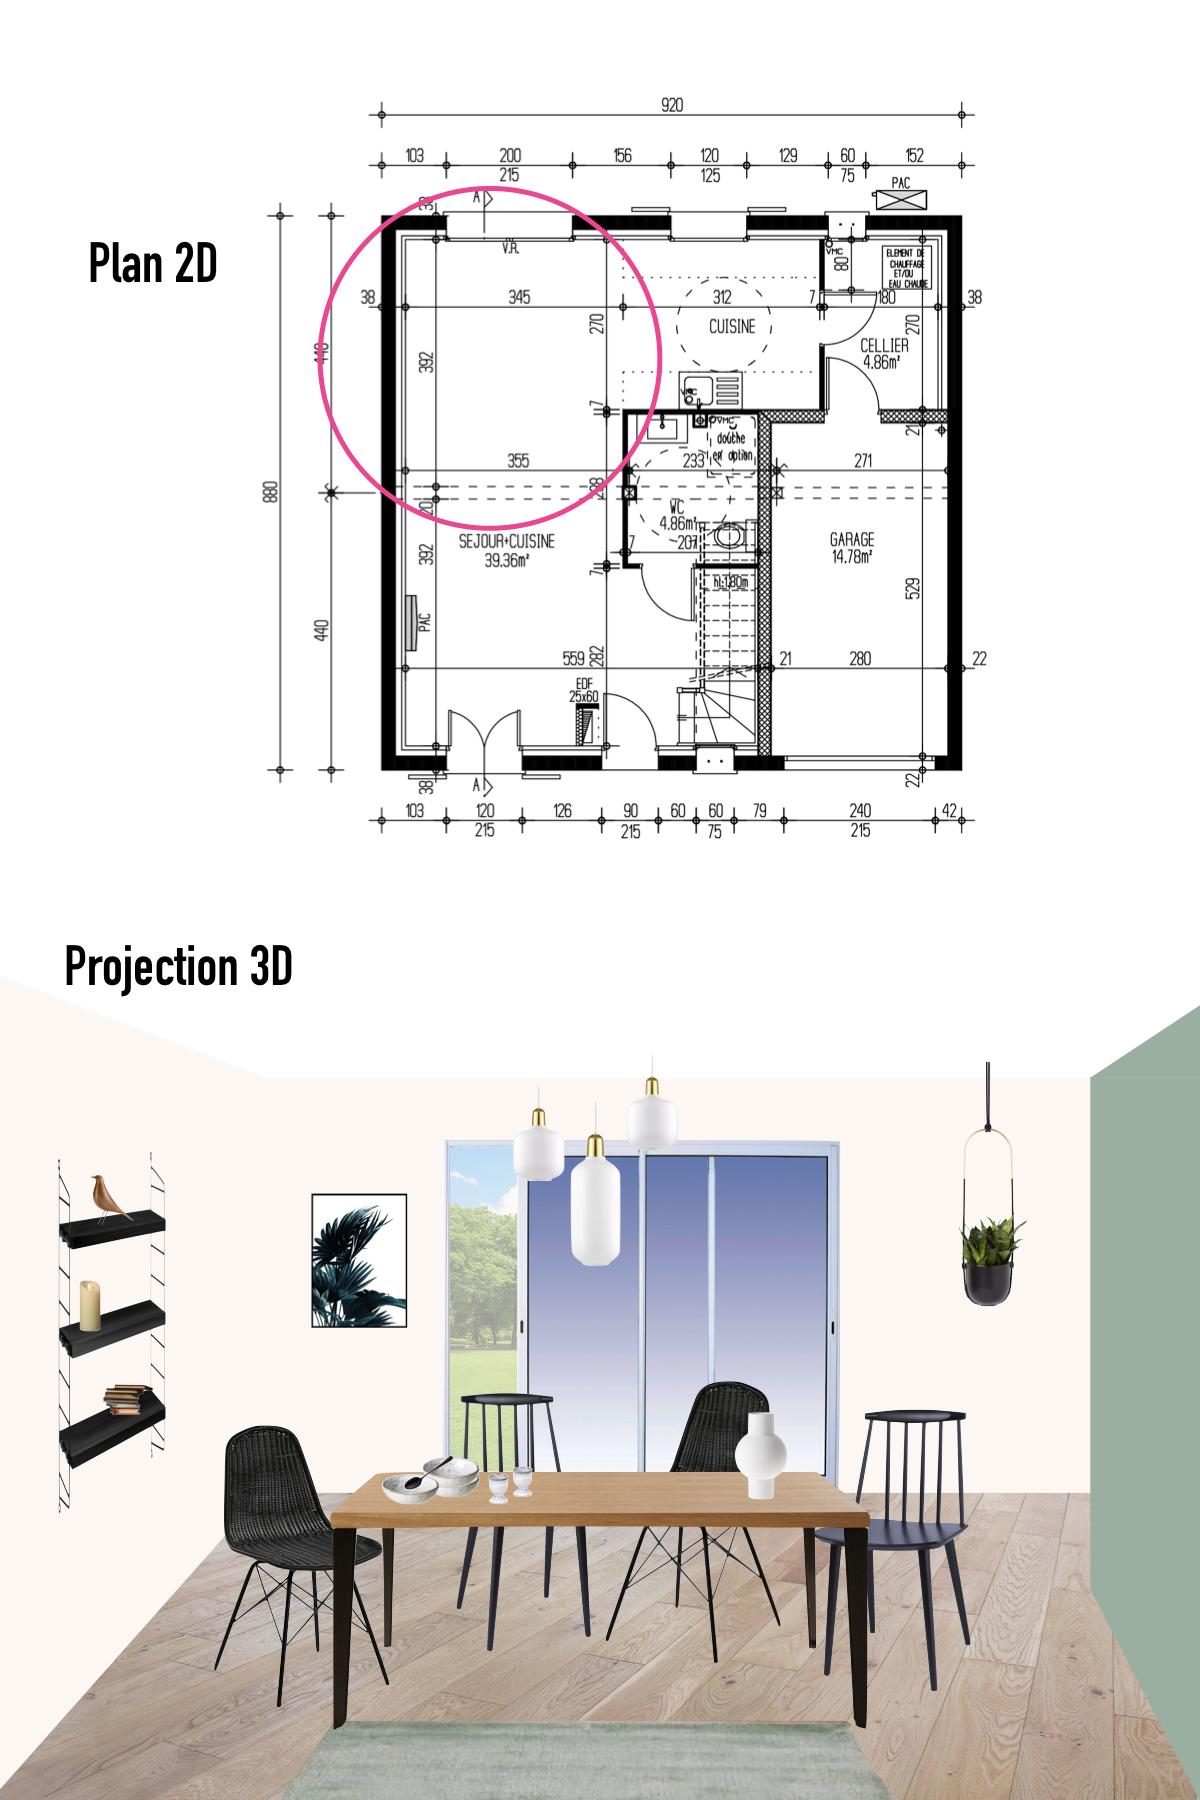 planche déco maison pierre plan 3D salle à manger décoration intérieure - blog déco - clemaroundthecorner